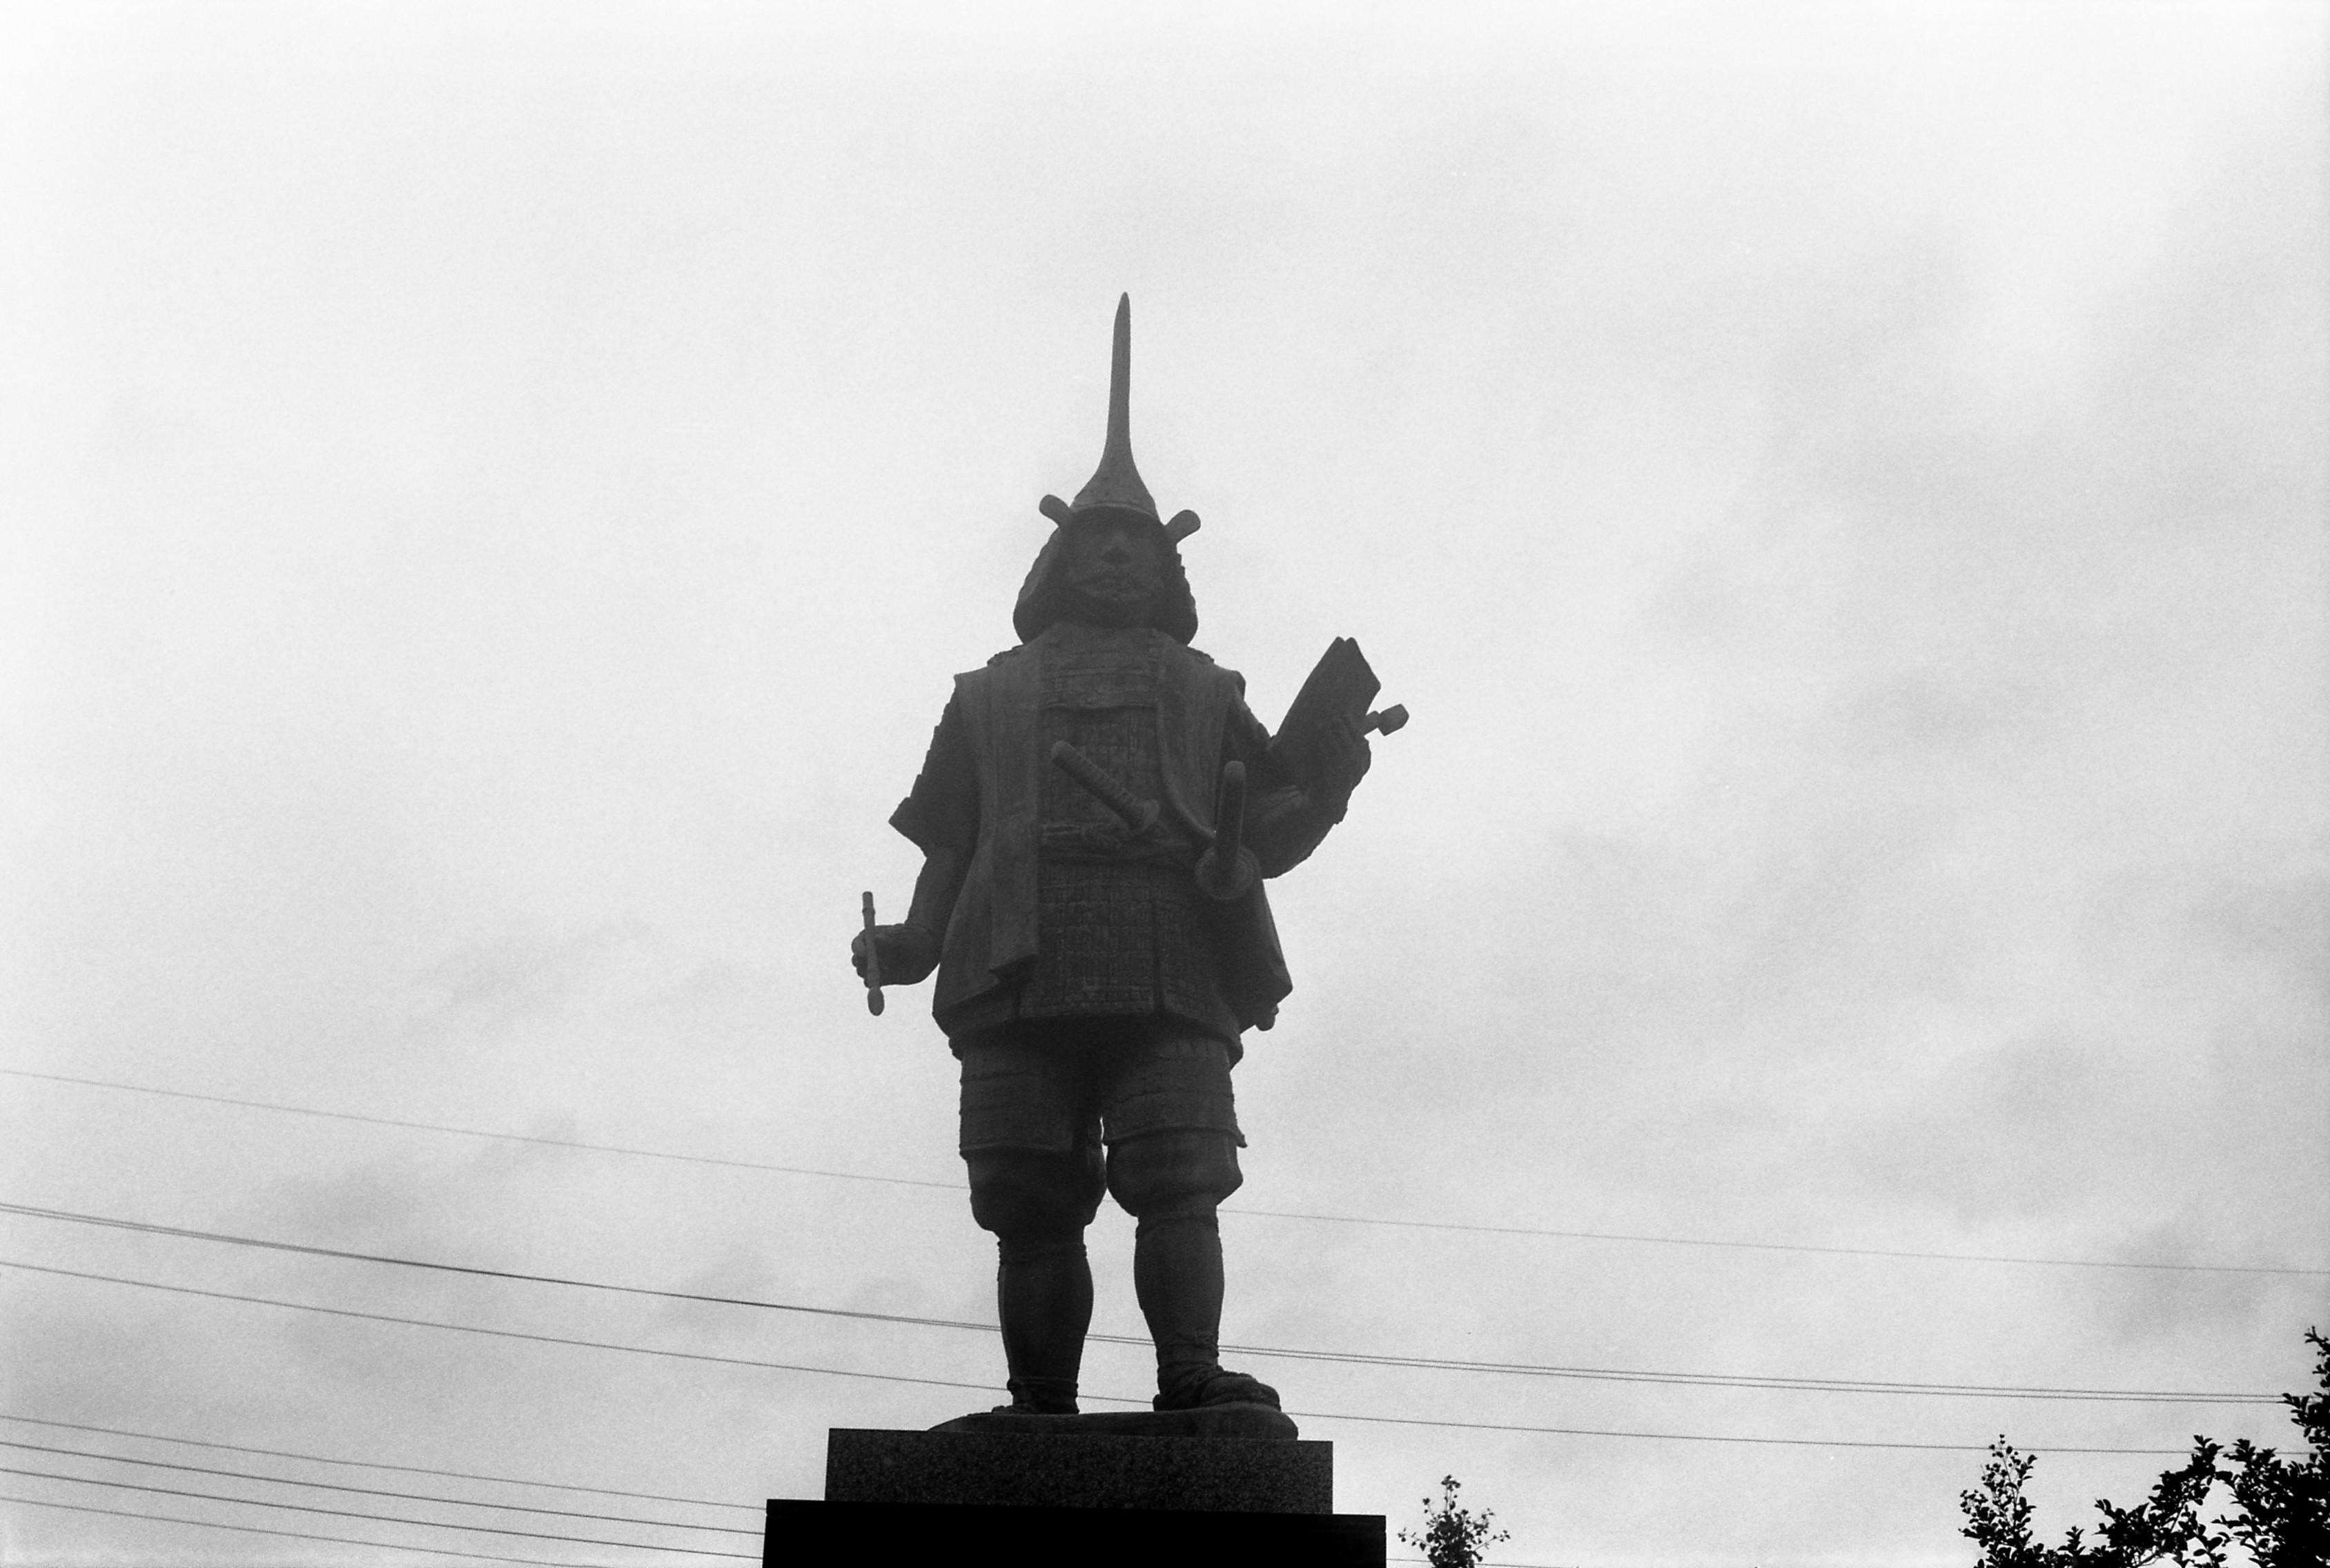 蒲生 氏 郷